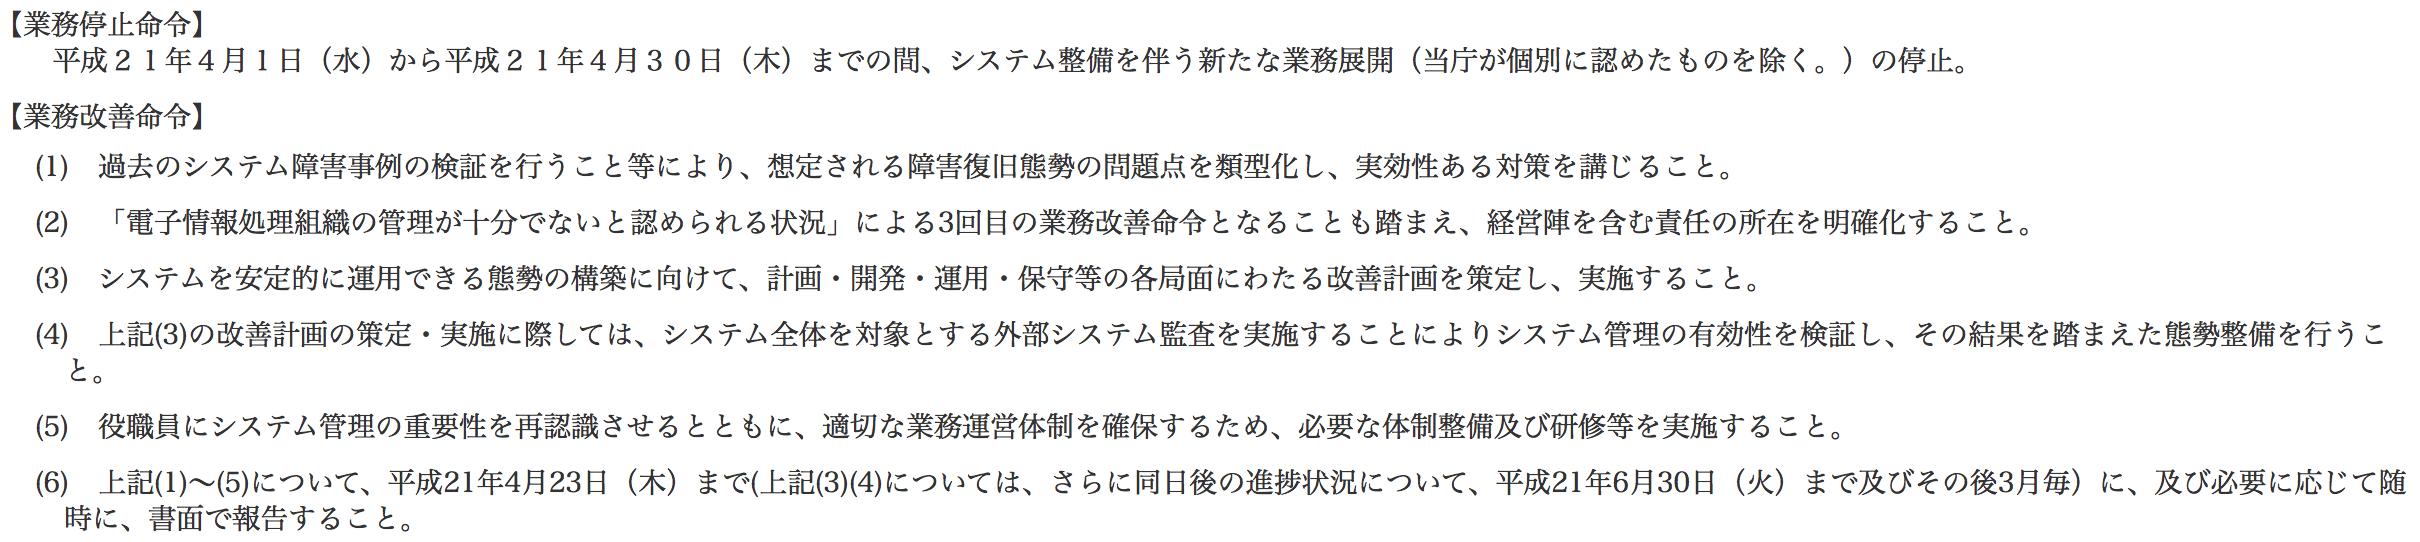 金融庁報道発表資料